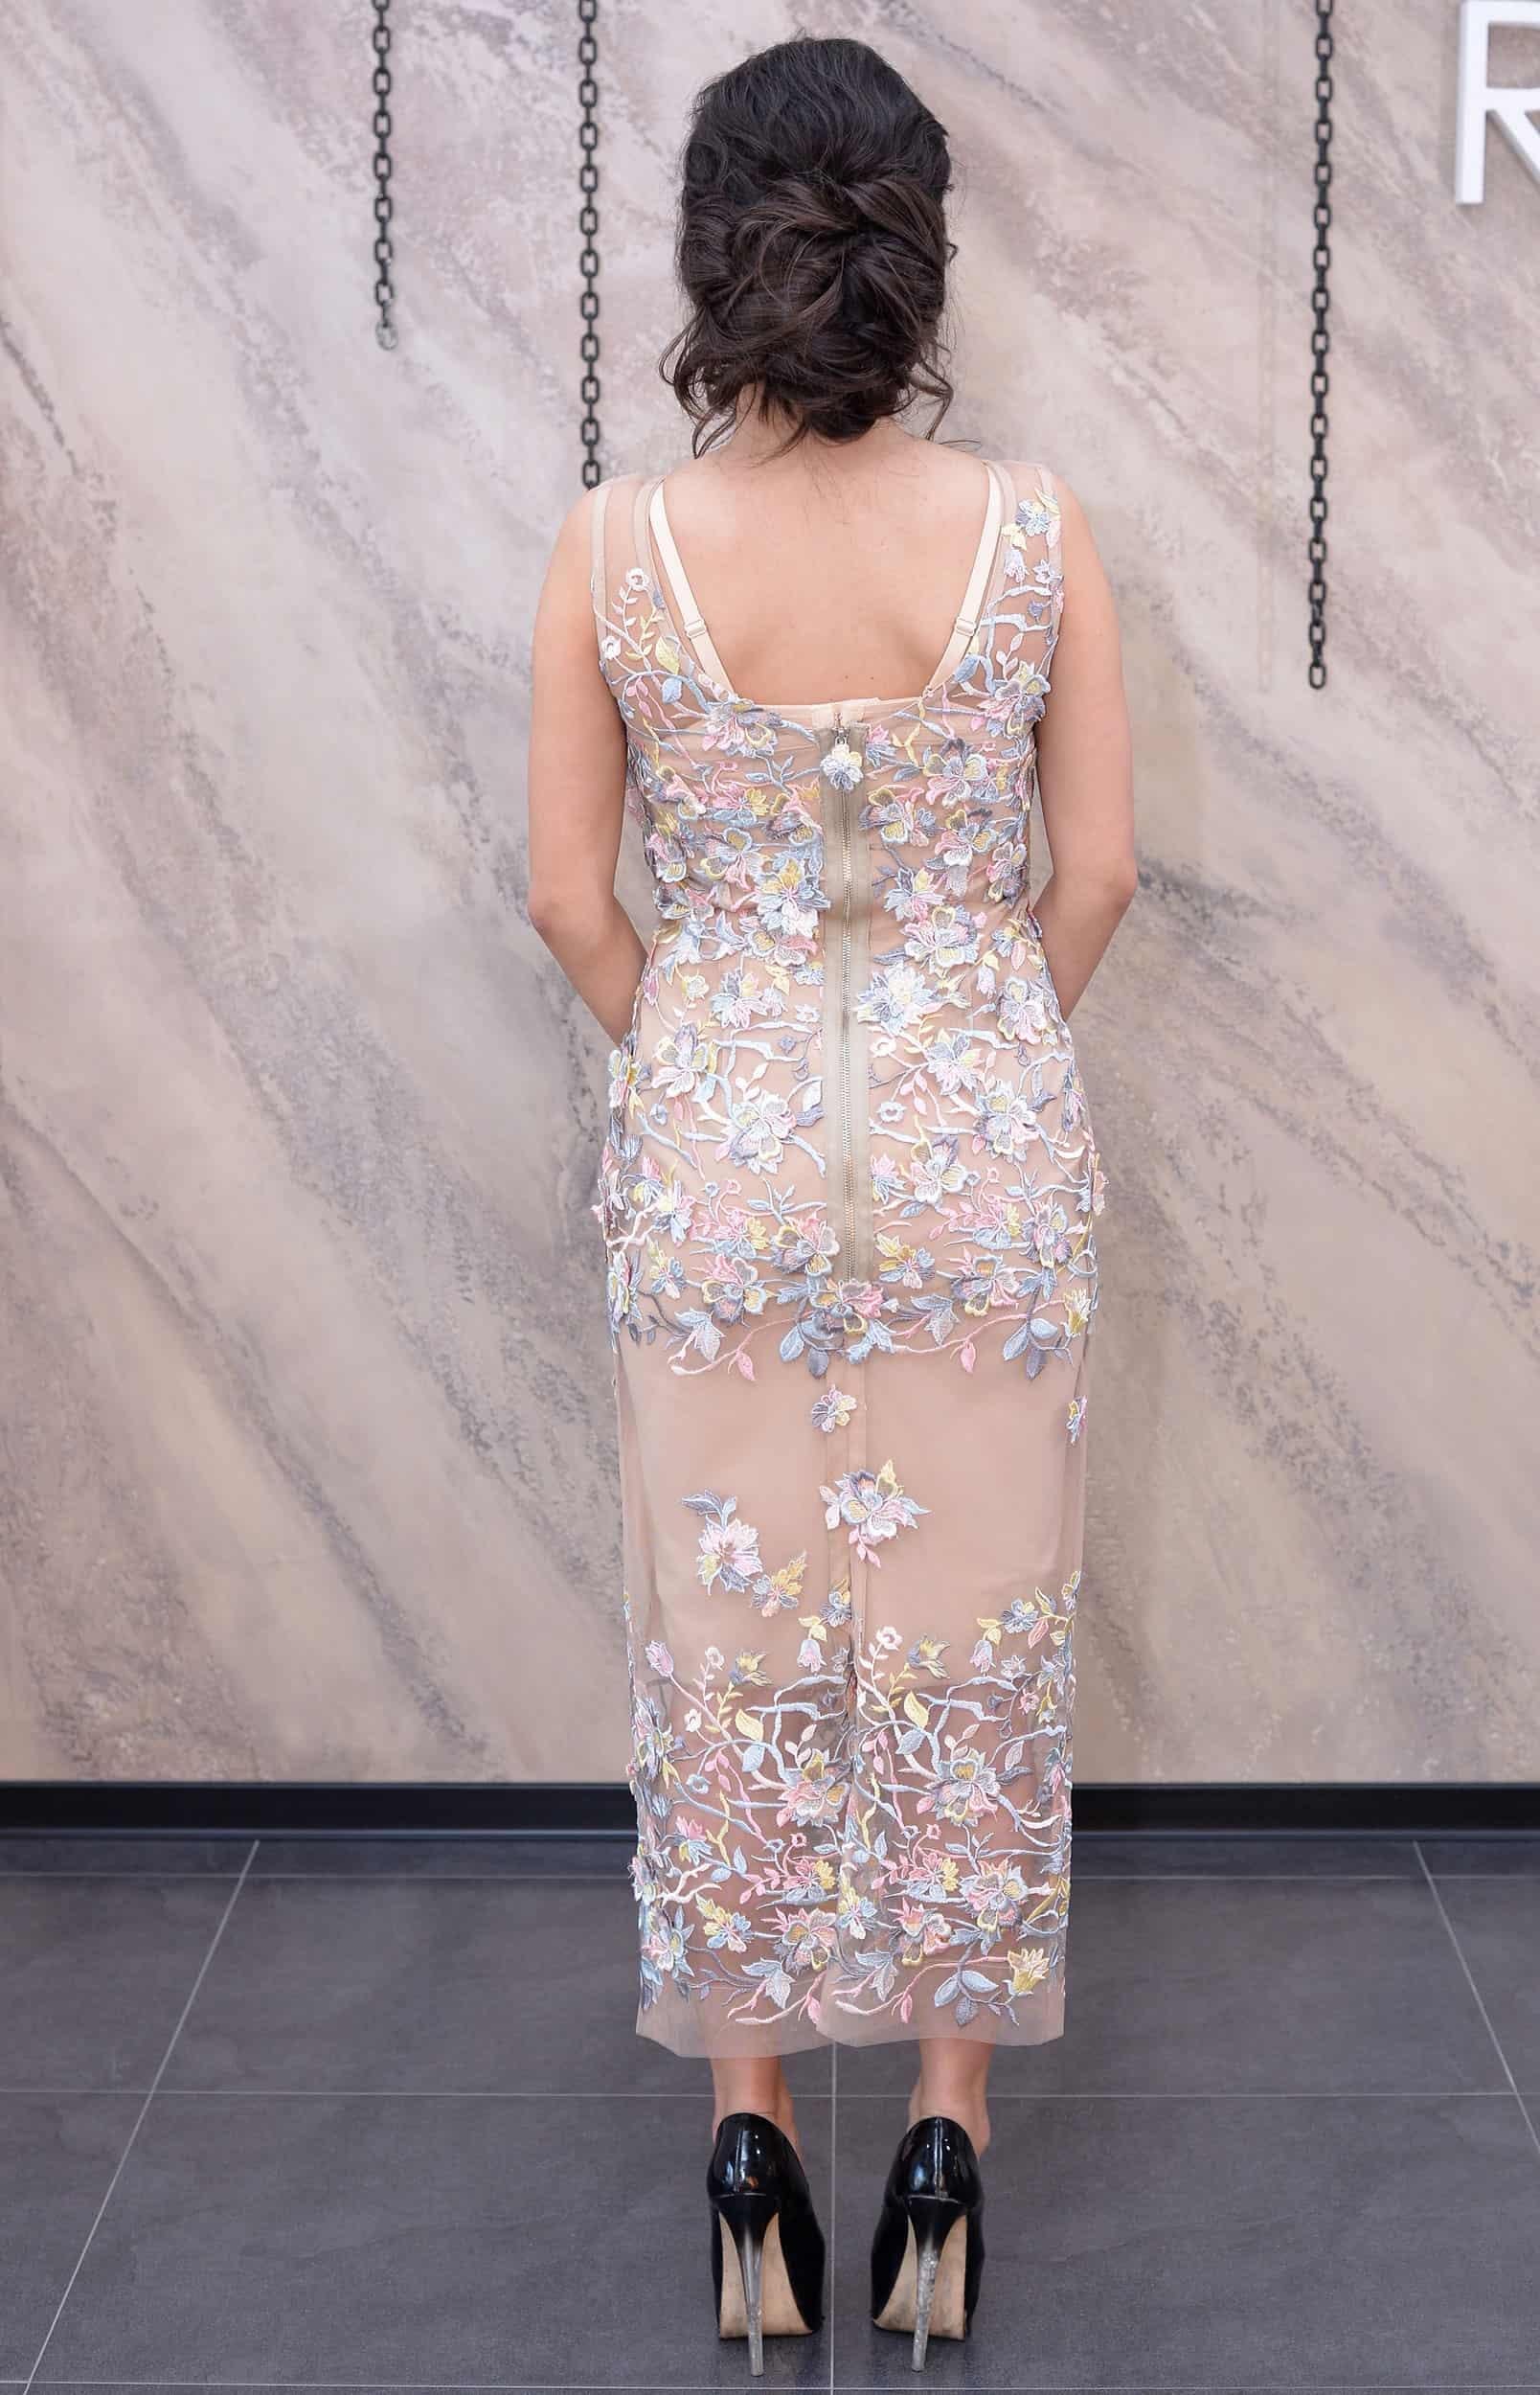 Iznajmljivanje haljina Nis - King Kong - Rent A Dress Nis